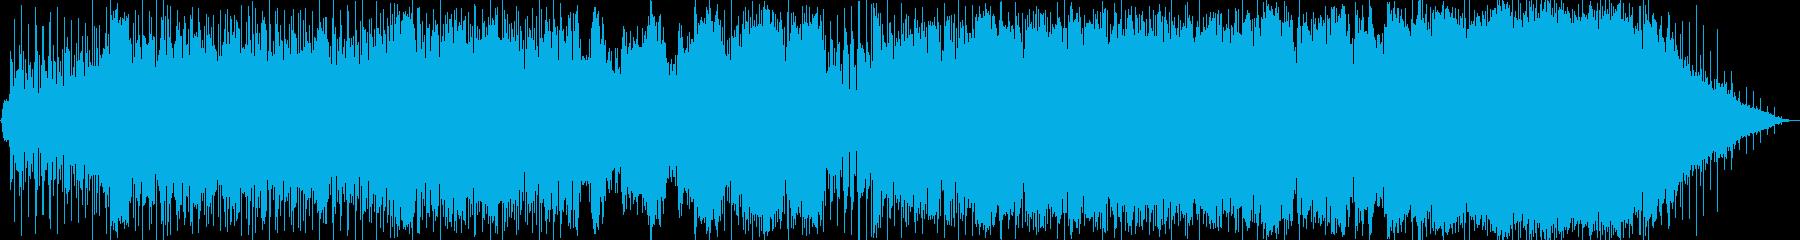 インド風モダンなインスト曲の再生済みの波形